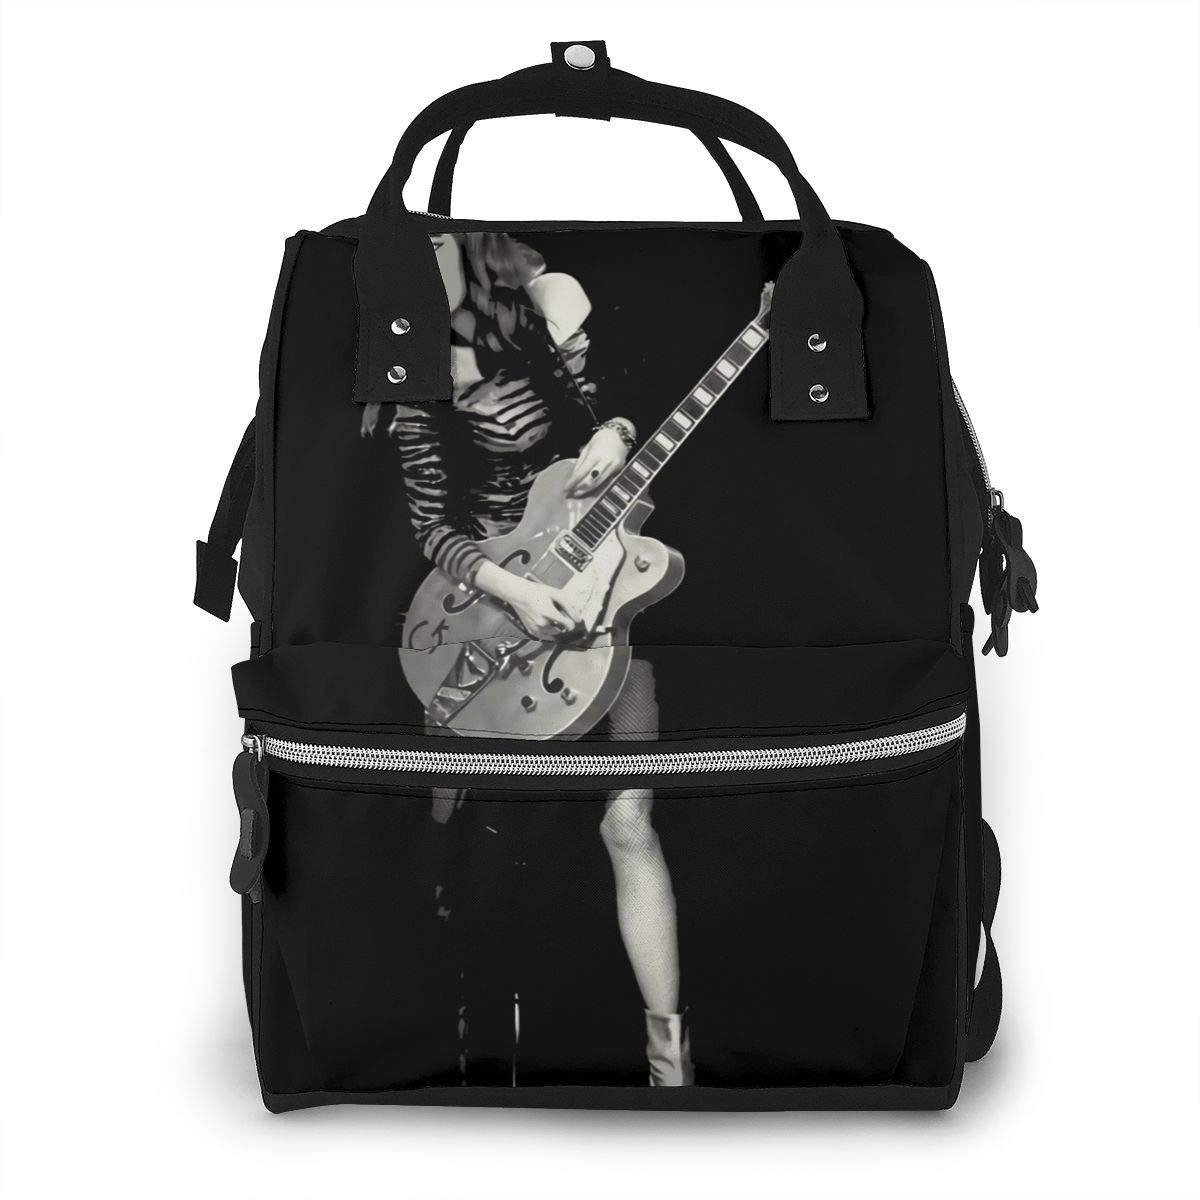 Poison Ivy Durable, Large Capacity, Stylish, Adjustable Strap Length Mummy Backpack